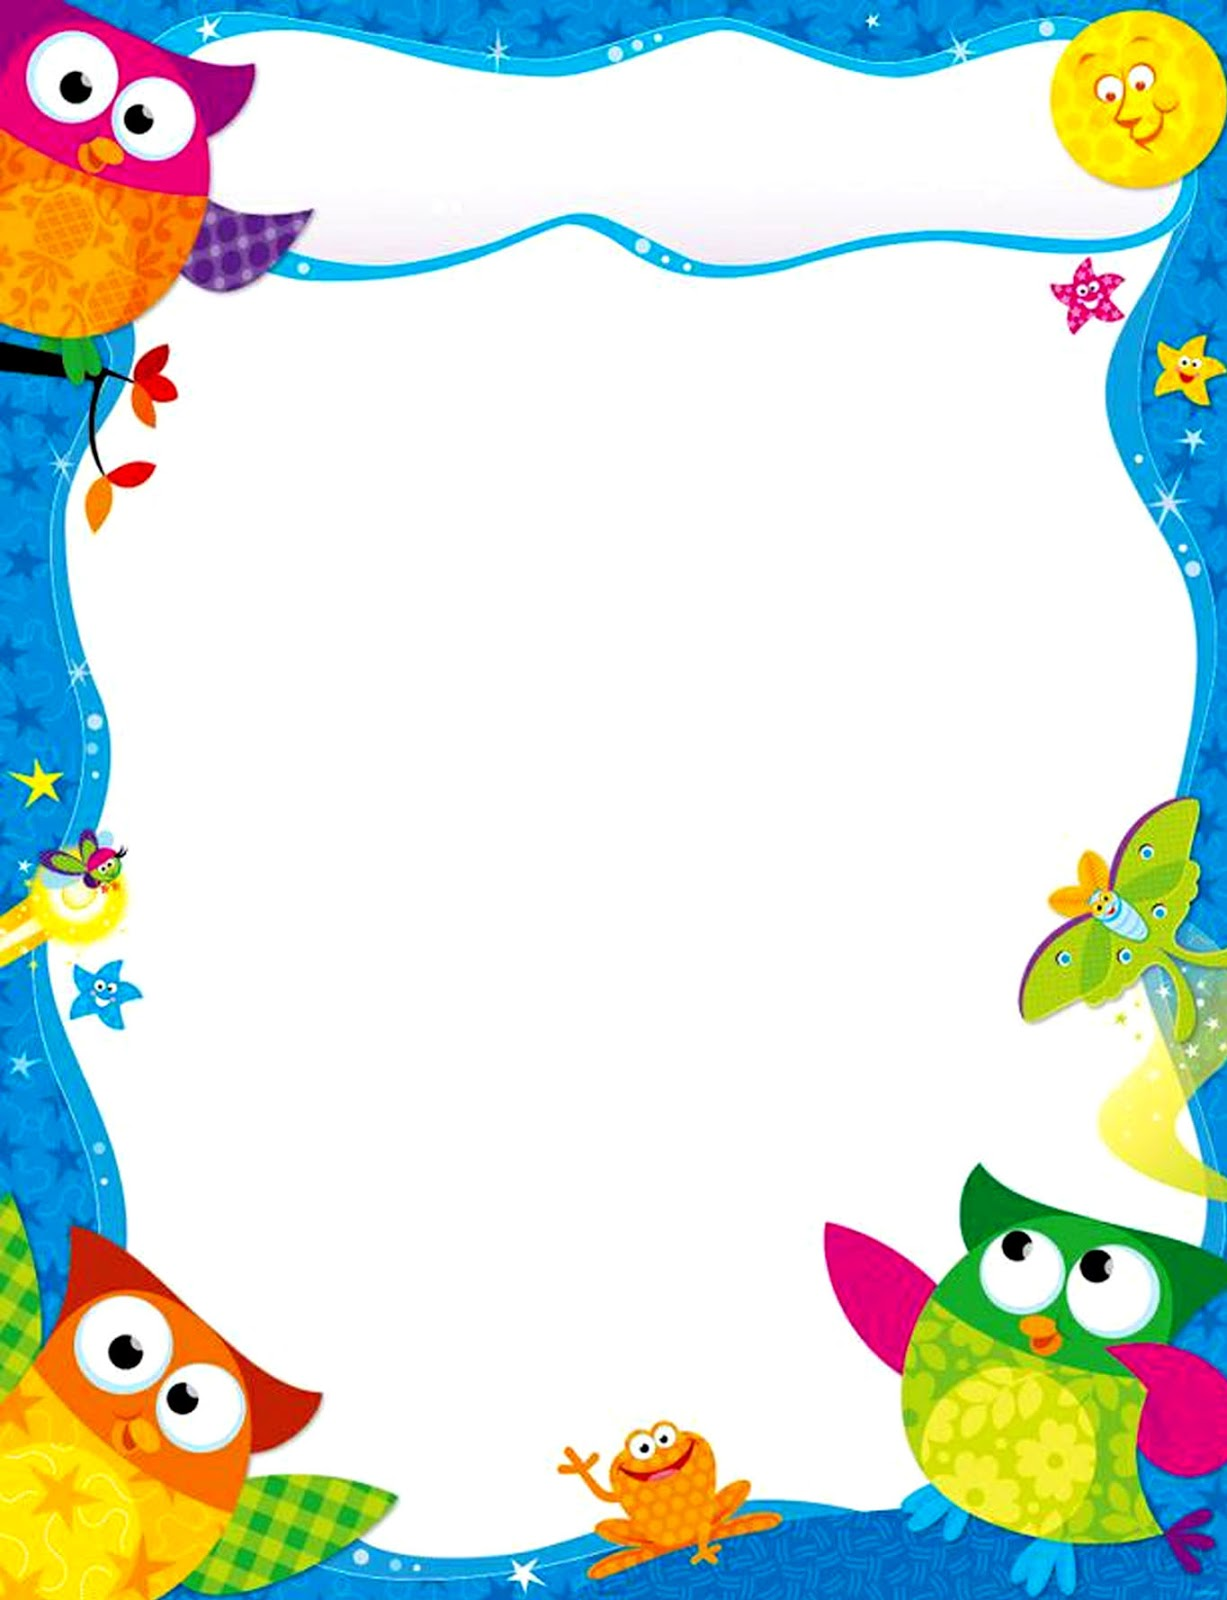 Bordes decorativos bordes decorativos de hojas de b hos - Plantillas decorativas infantiles ...